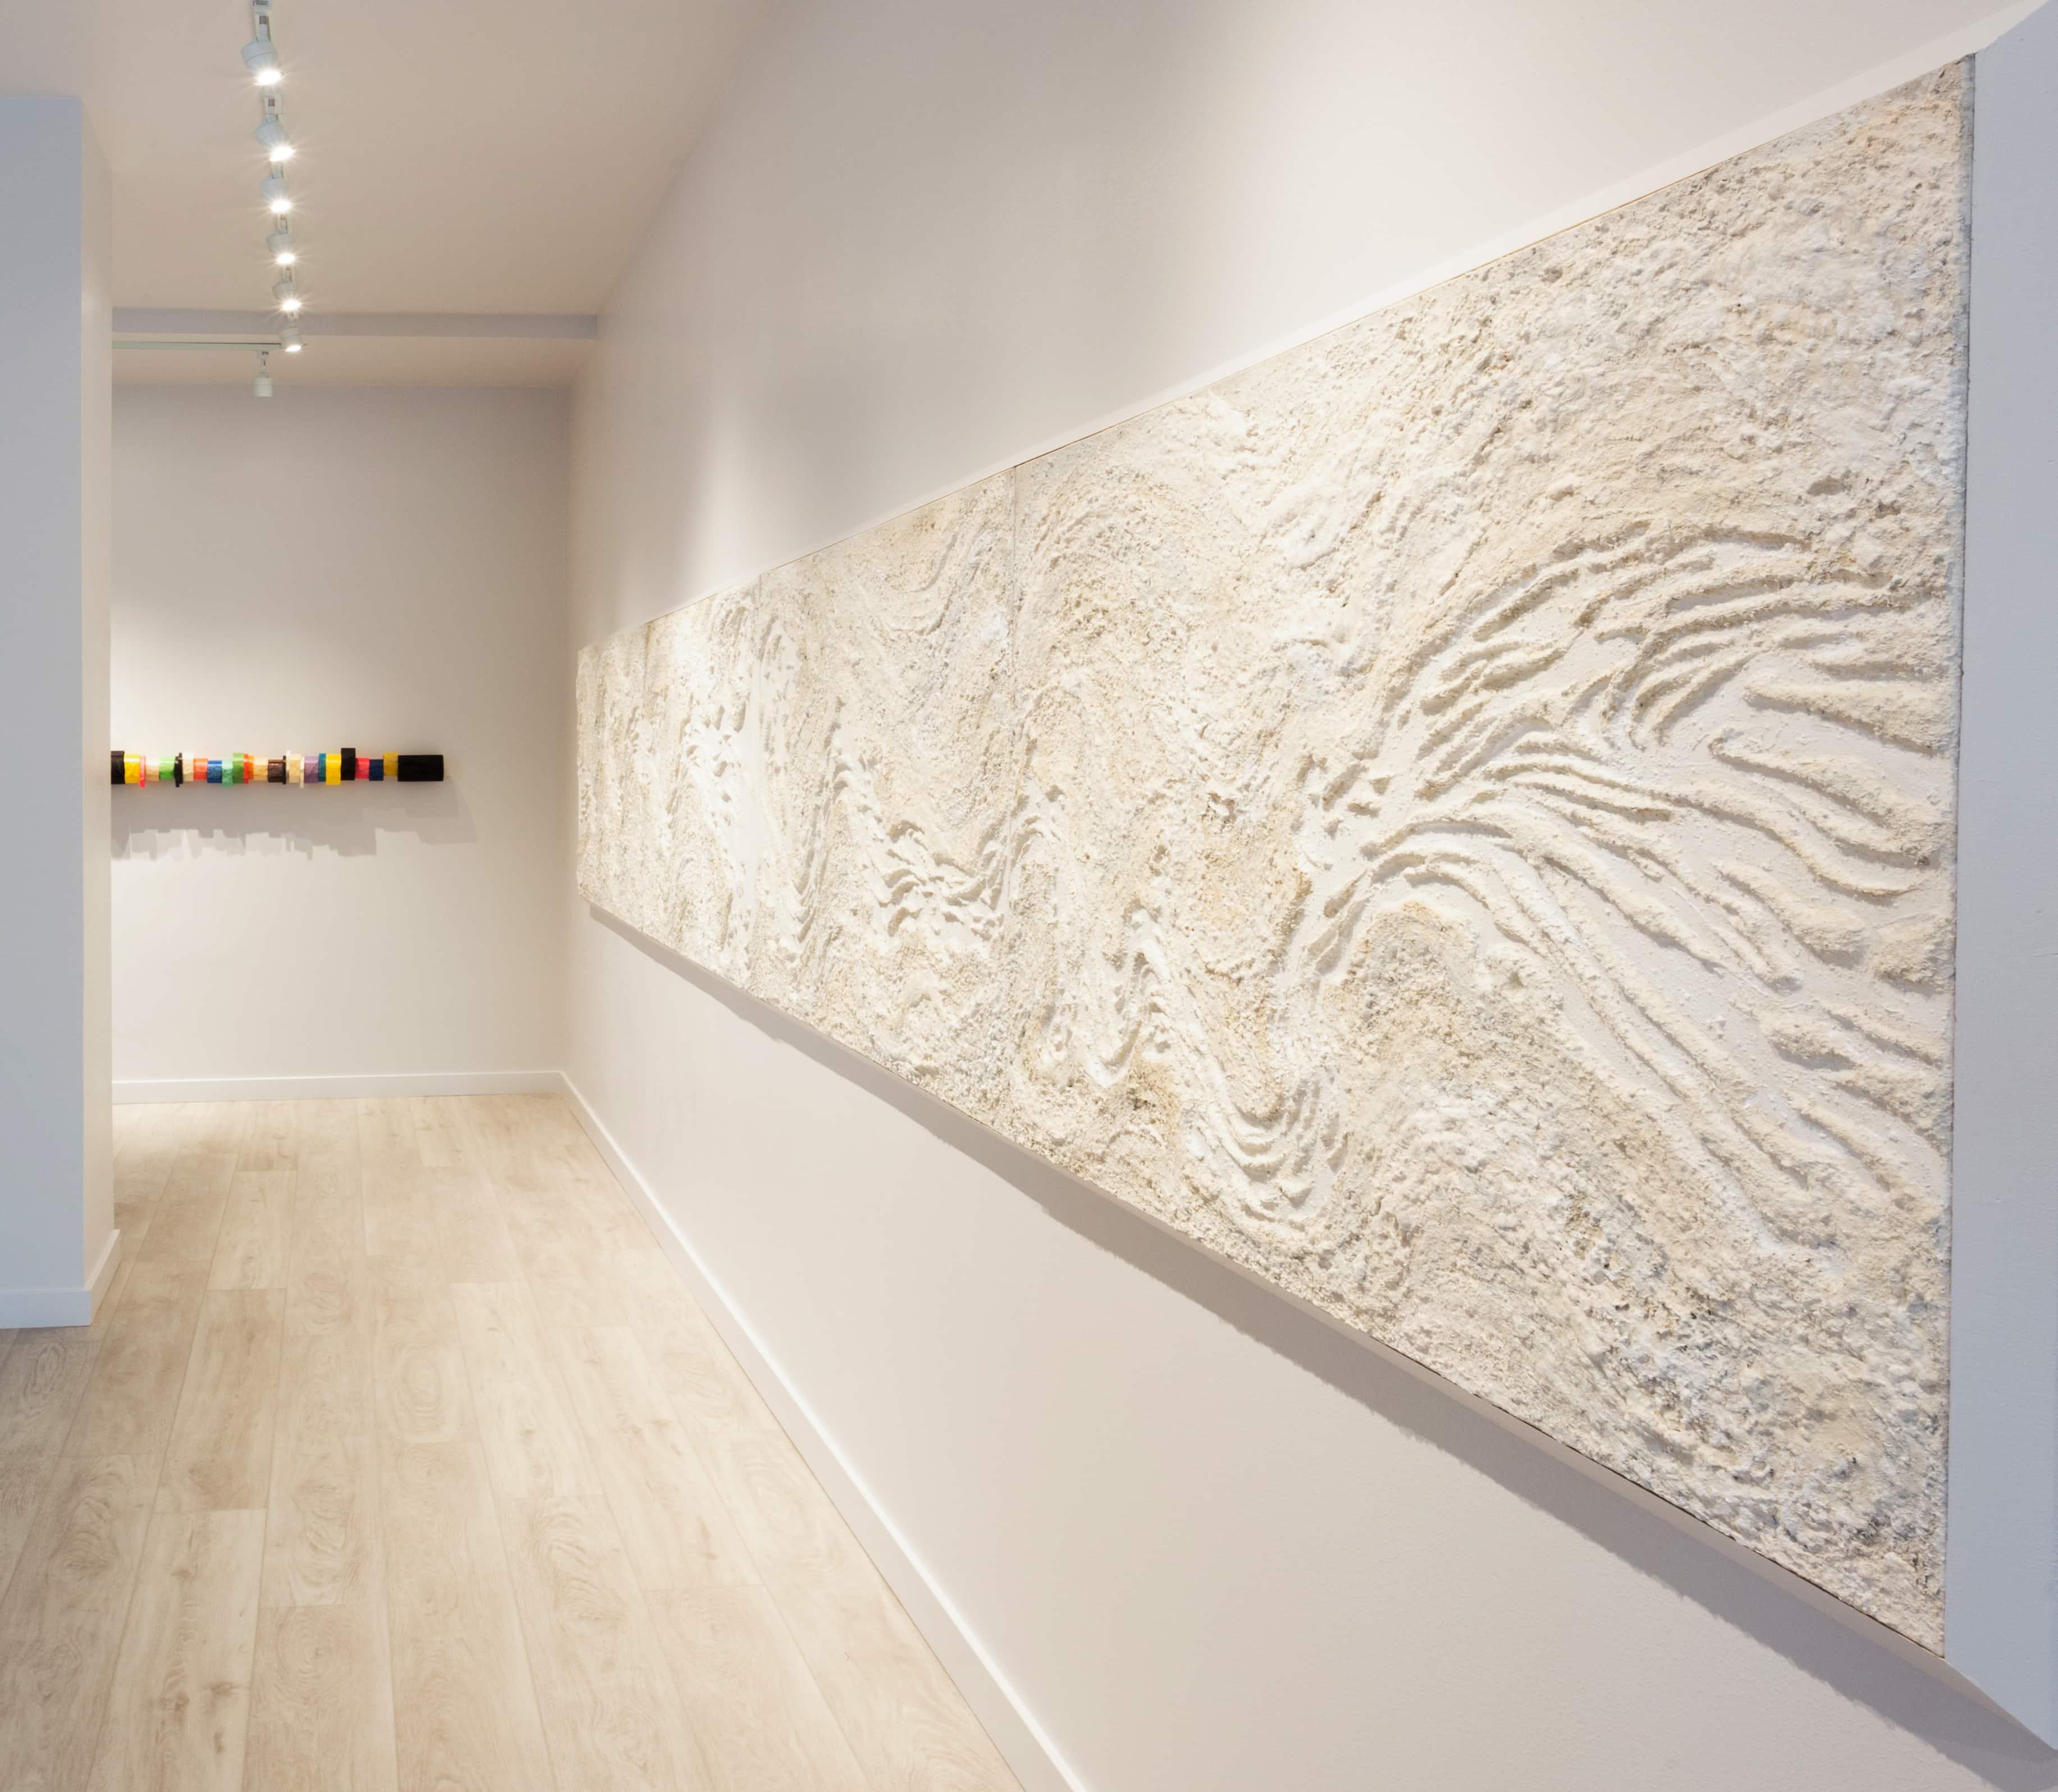 Sun K. Kwak, <em>60lb of Dust, 2kg of Sand, 32g of Ash, </em><em> </em>2015